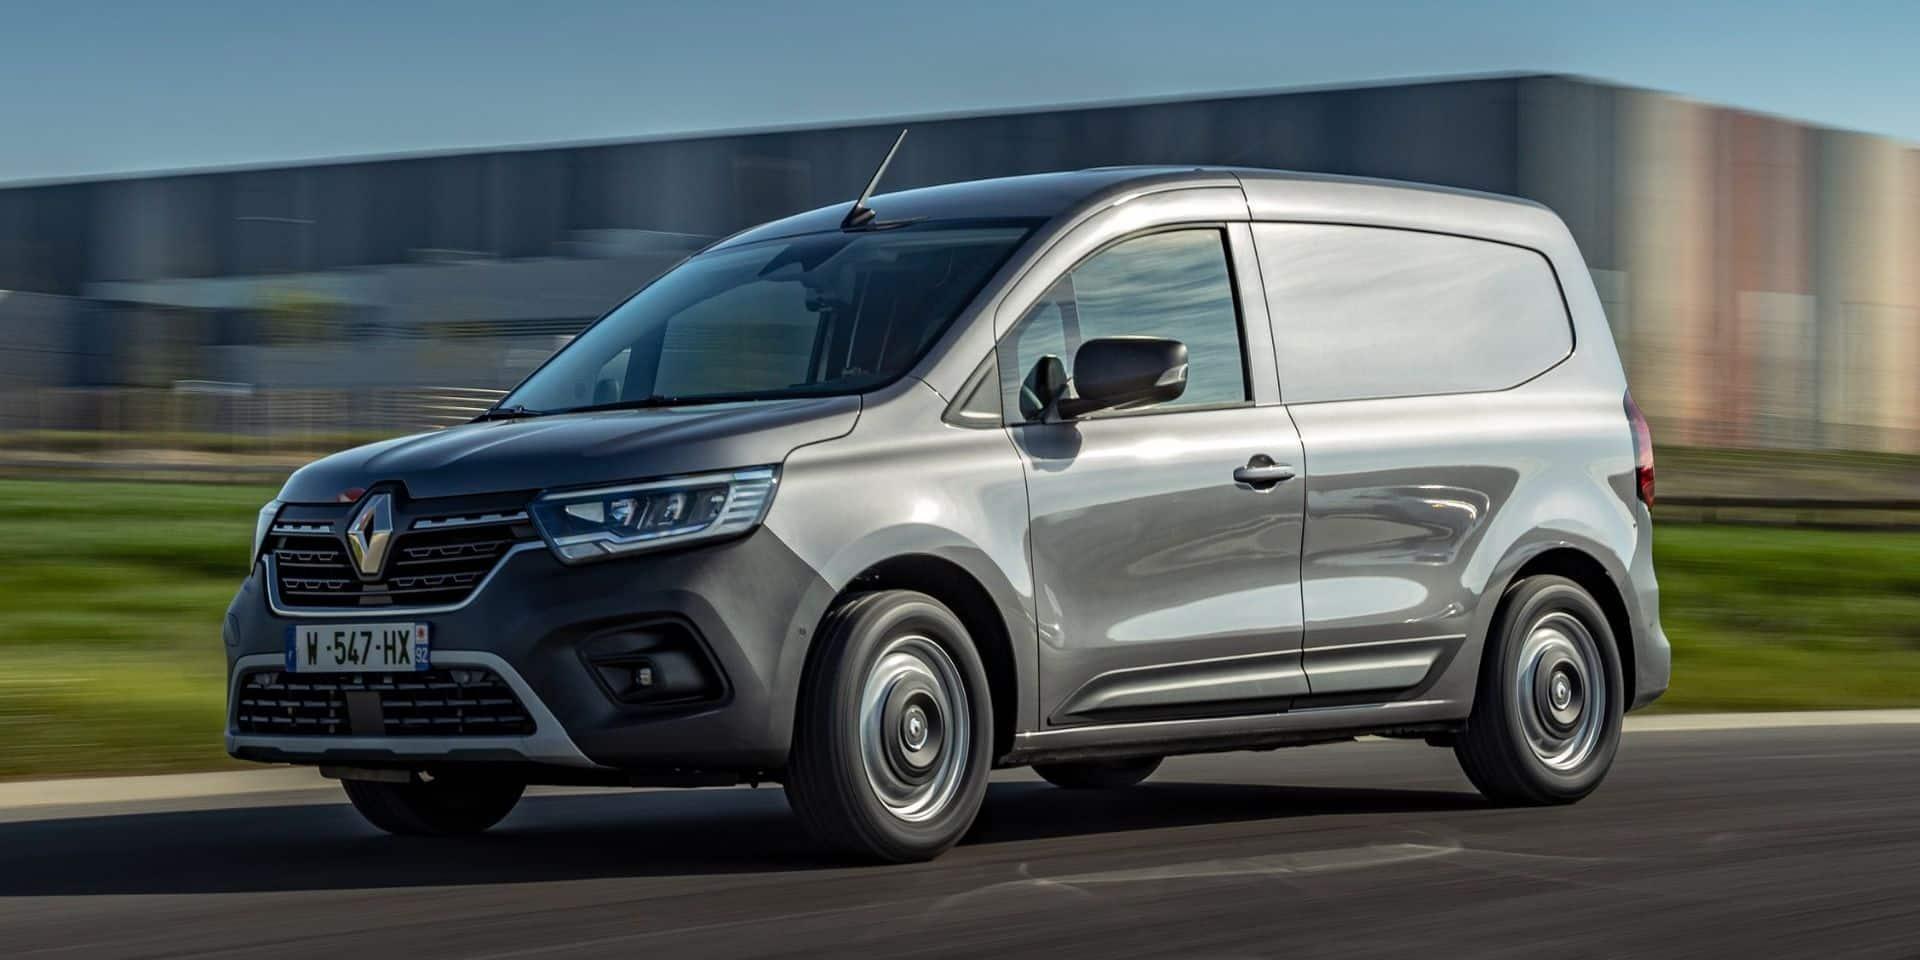 Essai auto Renault Kangoo Van : De bonnes idées et de grandes ambitions